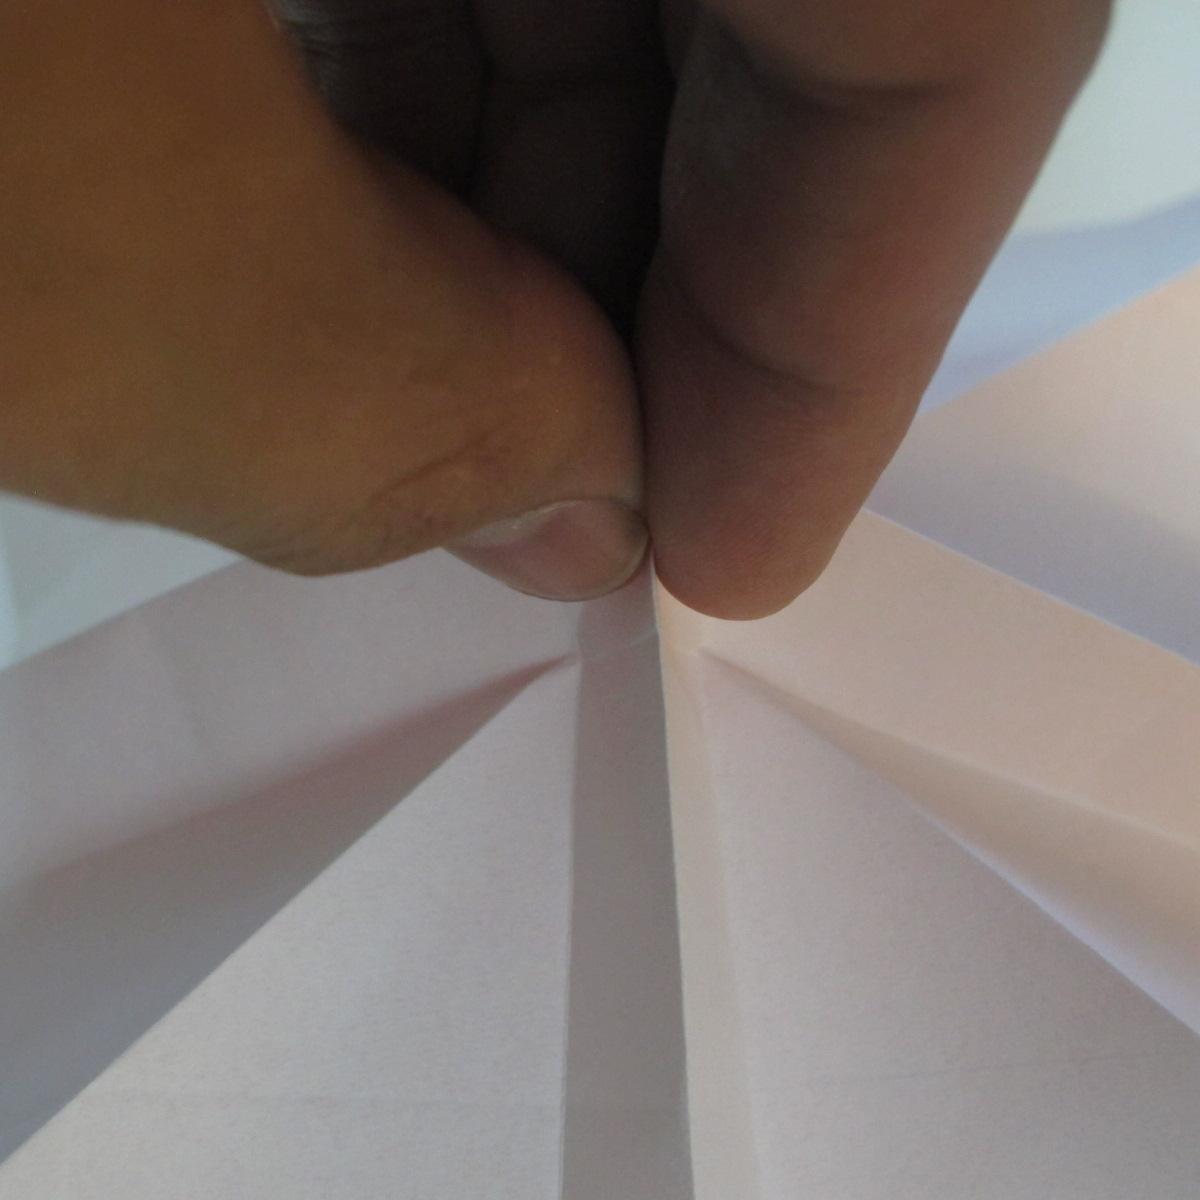 วิธีพับกระดาษพับดอกกุหลาบ 016